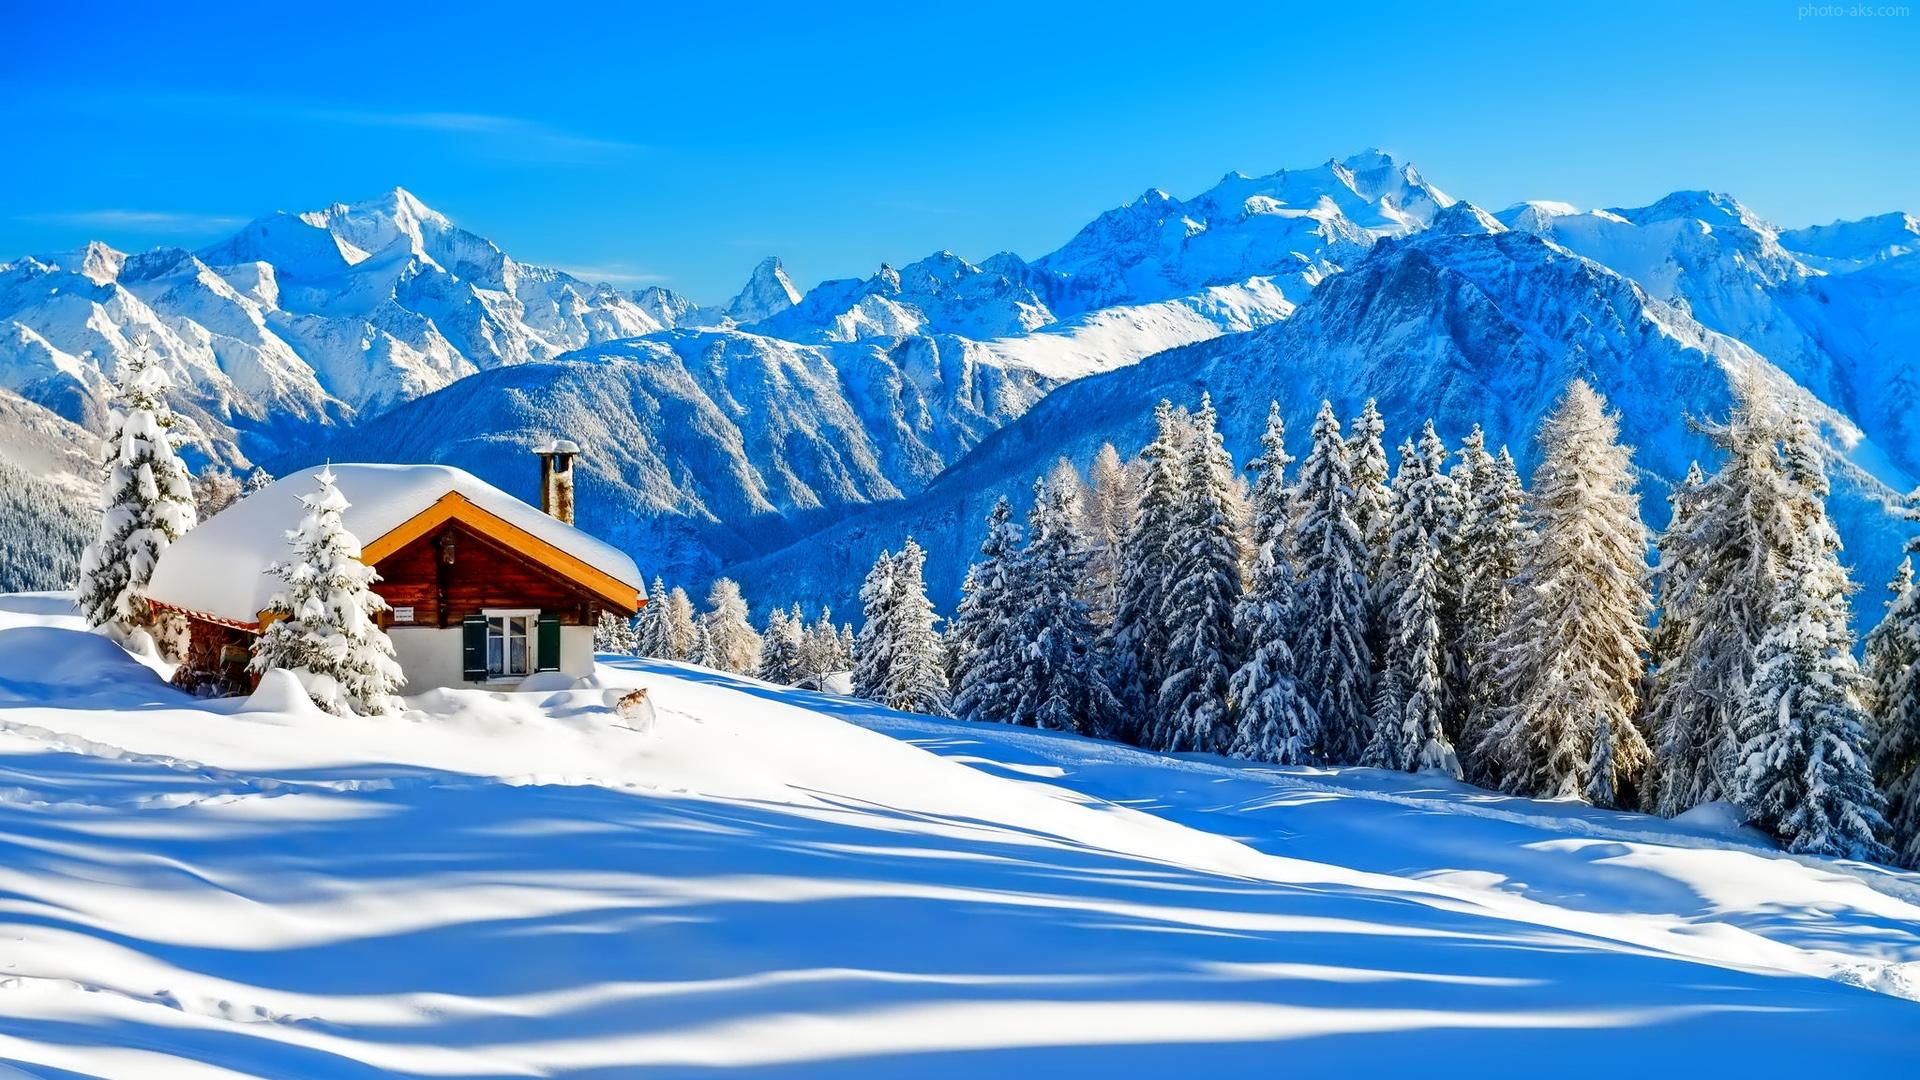 beautiful mountain in winter 1920x1080